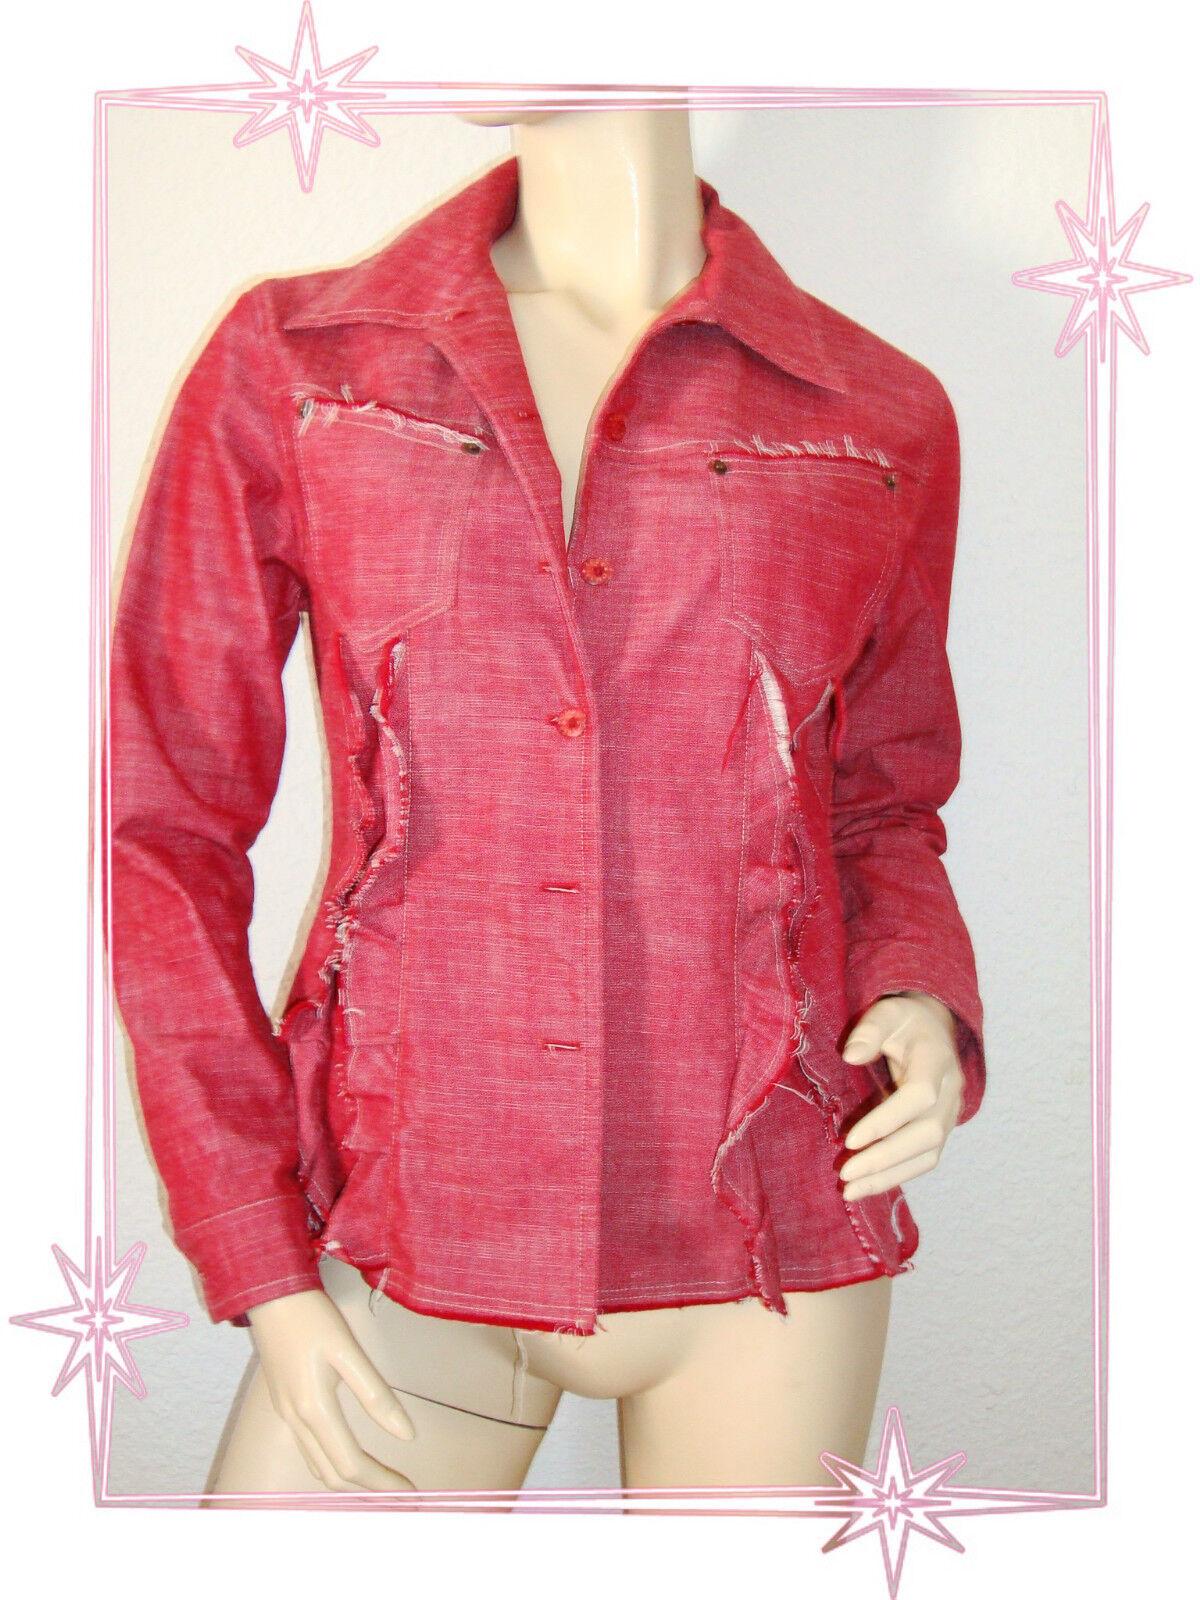 E -  Veste Surchemise Fantaisie red  pink 2026 size 1 36 - 38